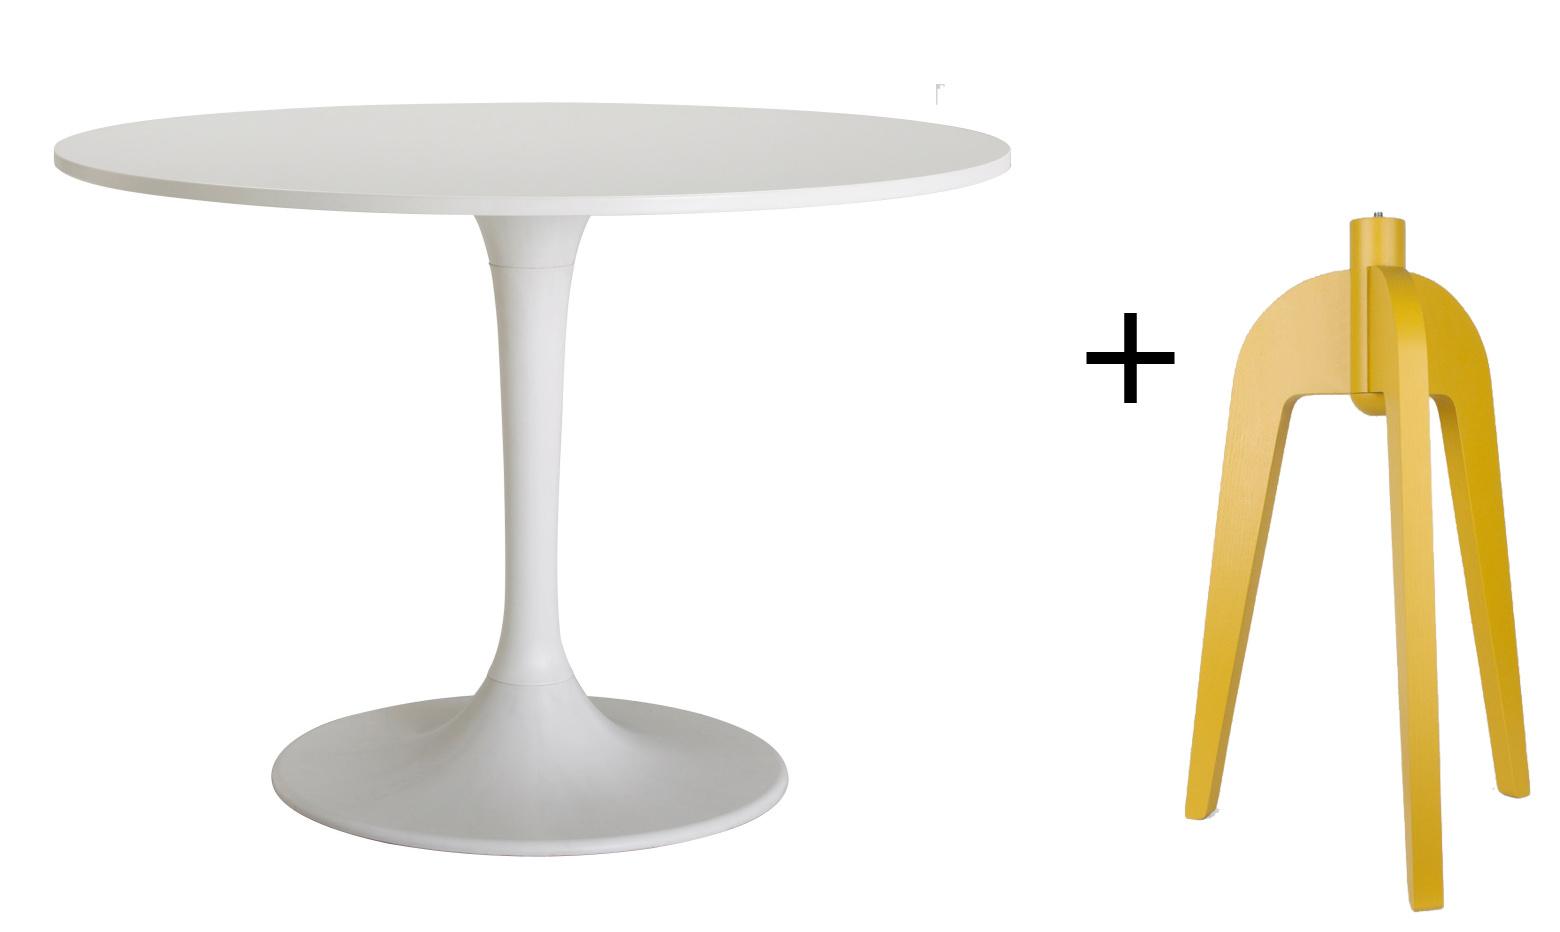 Gambe Per Mobili Ikea pomelli, piedini e frontali per personalizzare i mobili ikea